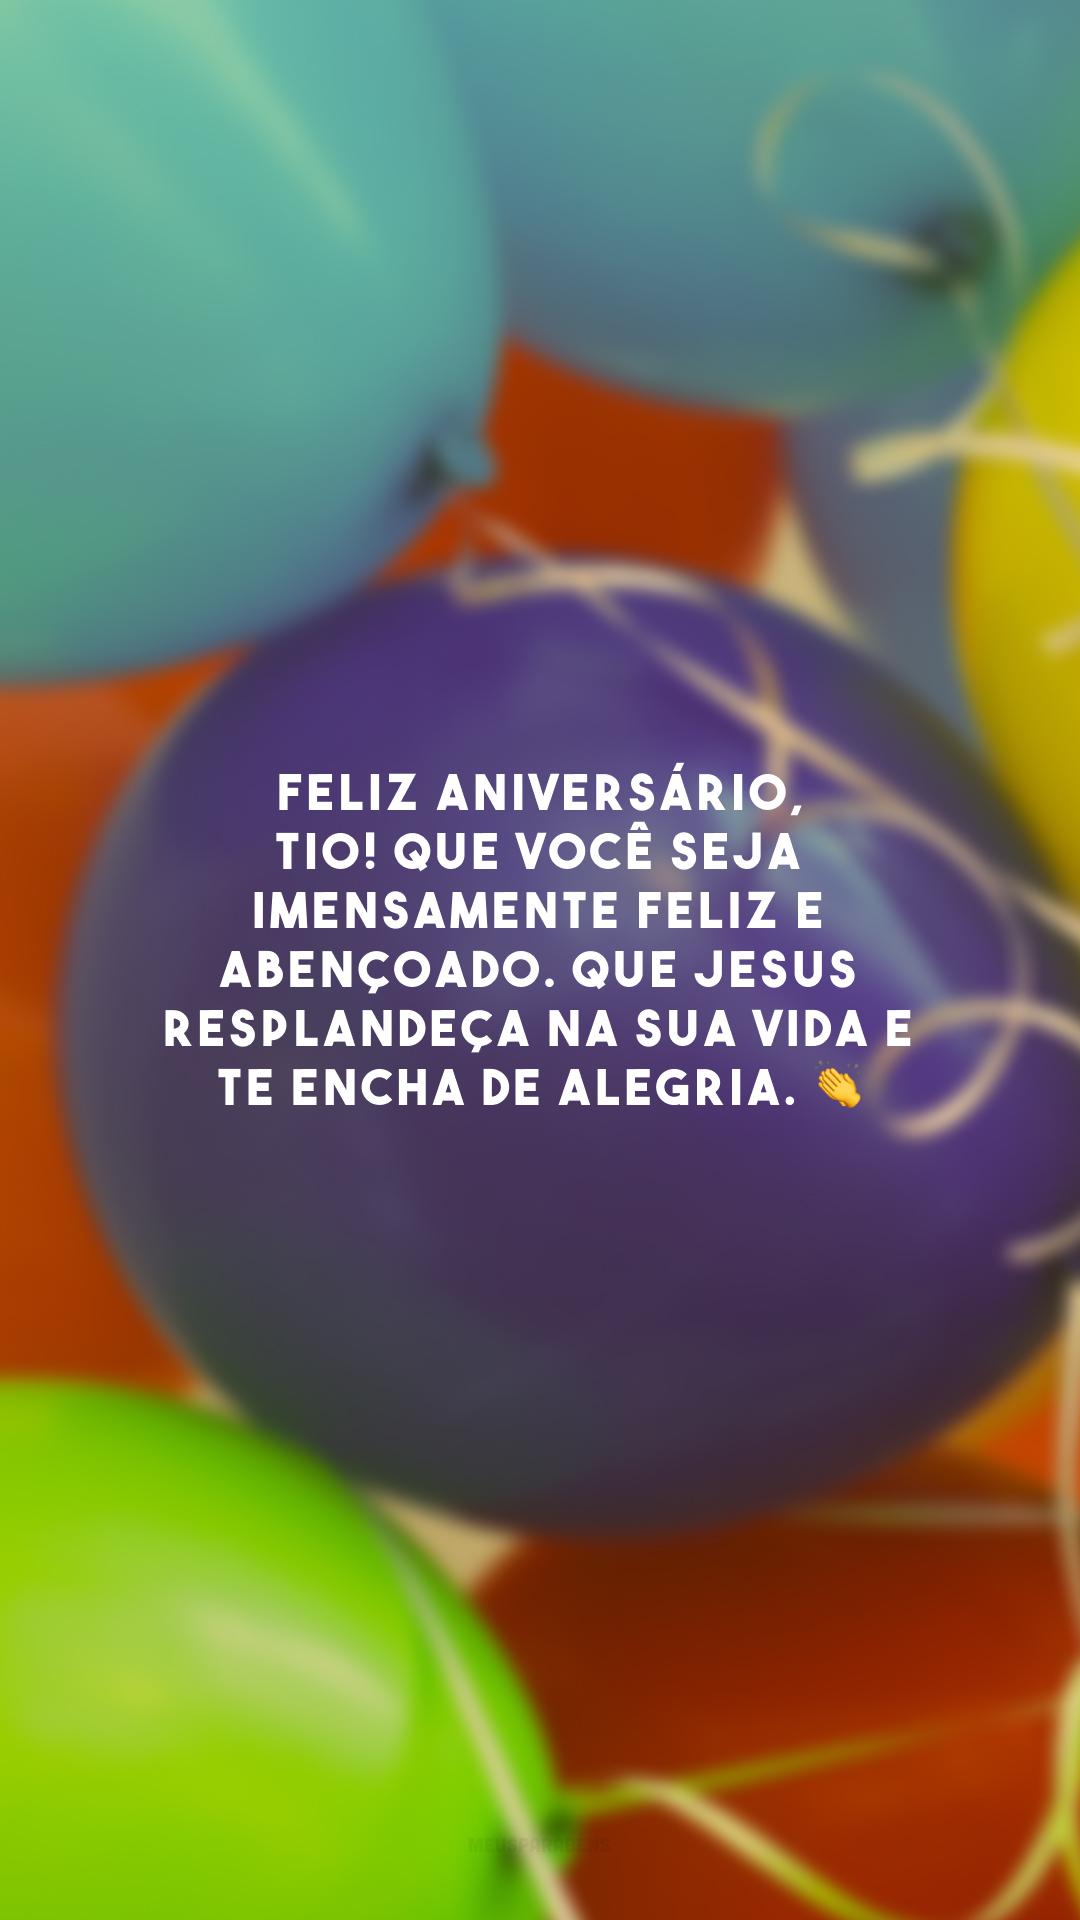 Feliz aniversário, tio! Que você seja imensamente feliz e abençoado. Que Jesus resplandeça na sua vida e te encha de alegria. 👏